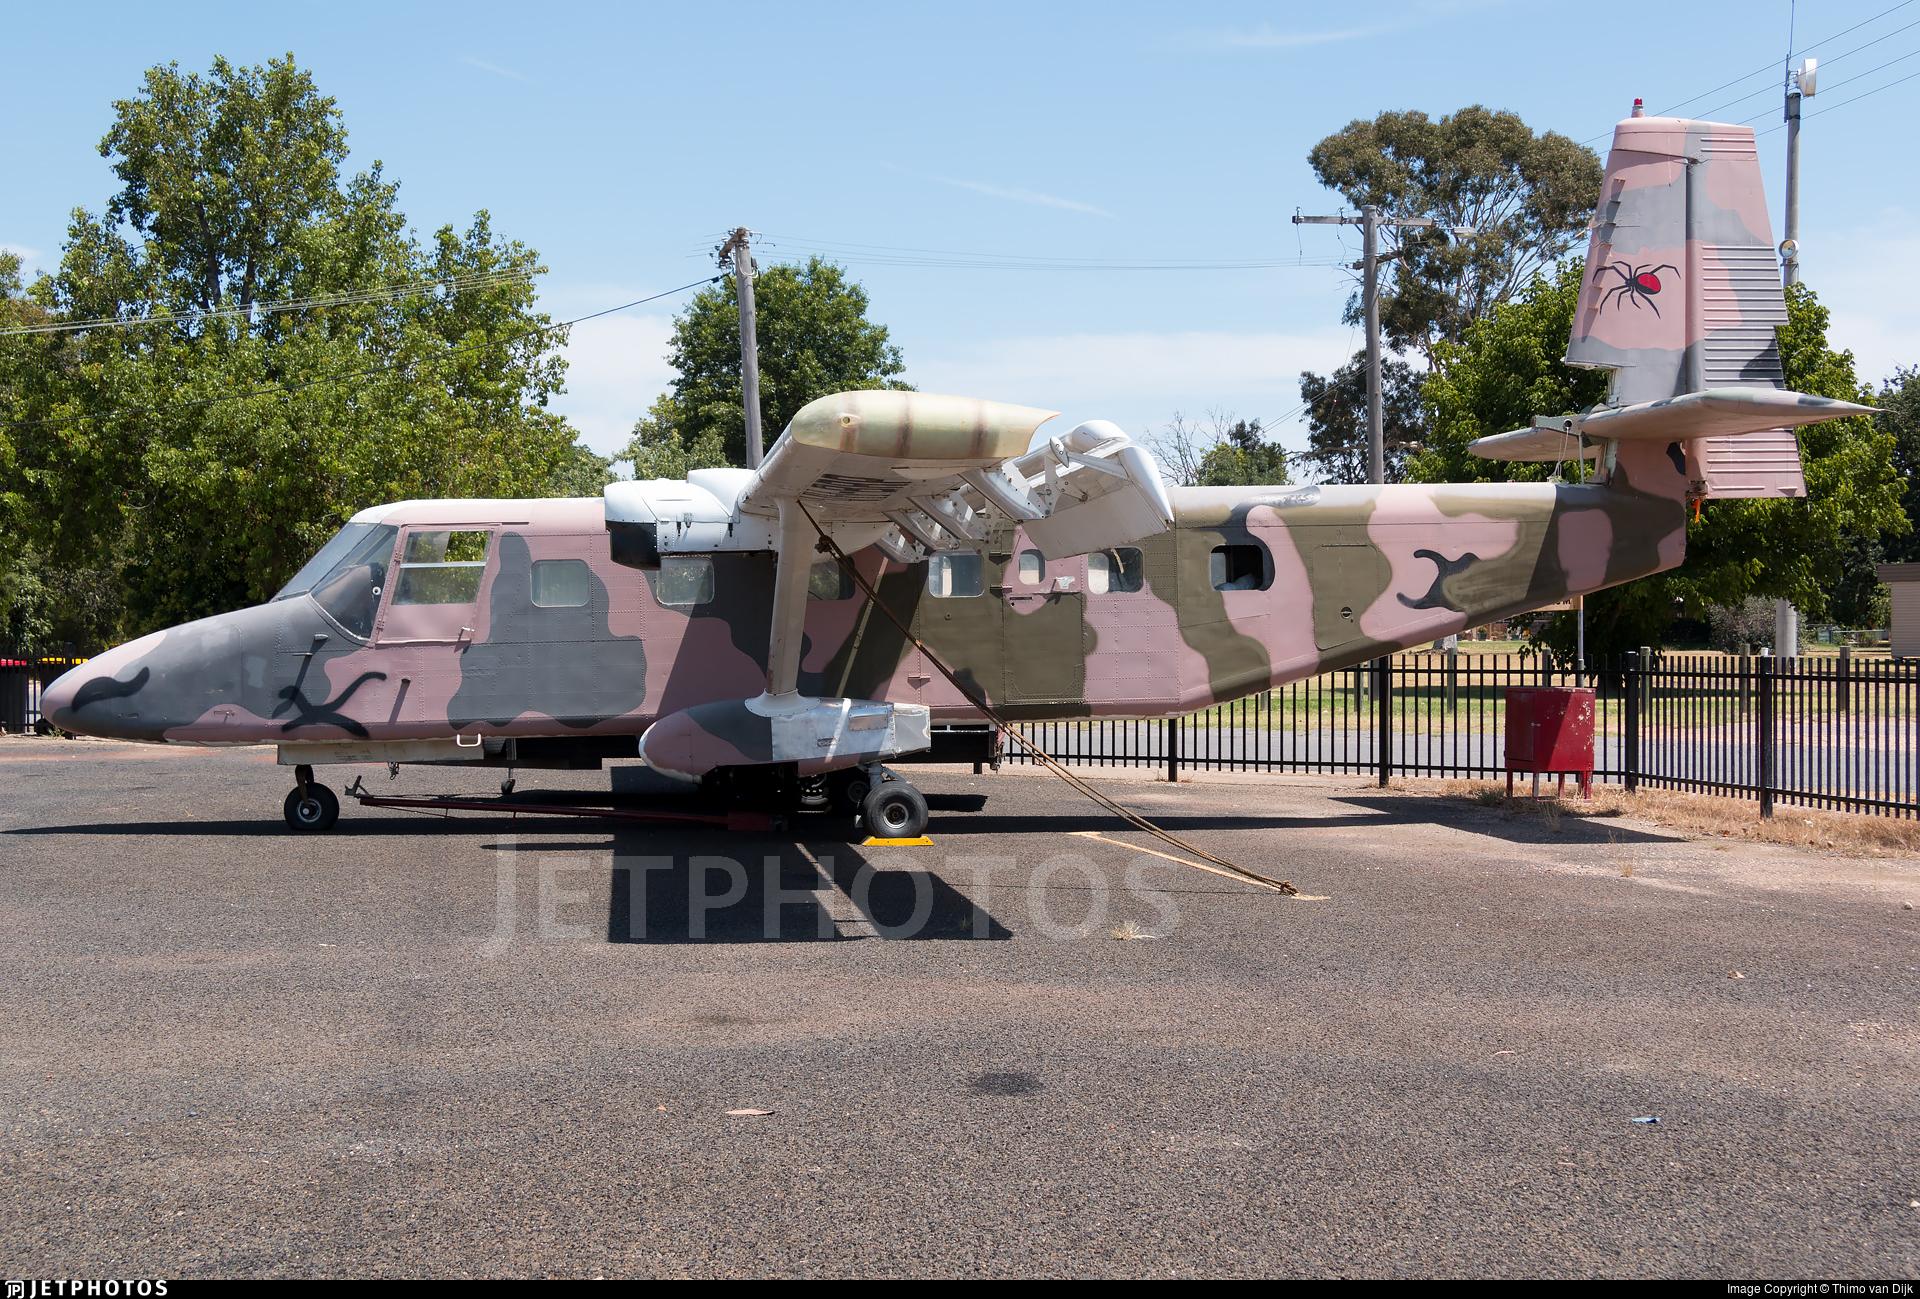 VH-BRP - GAF N24A Nomad - Private